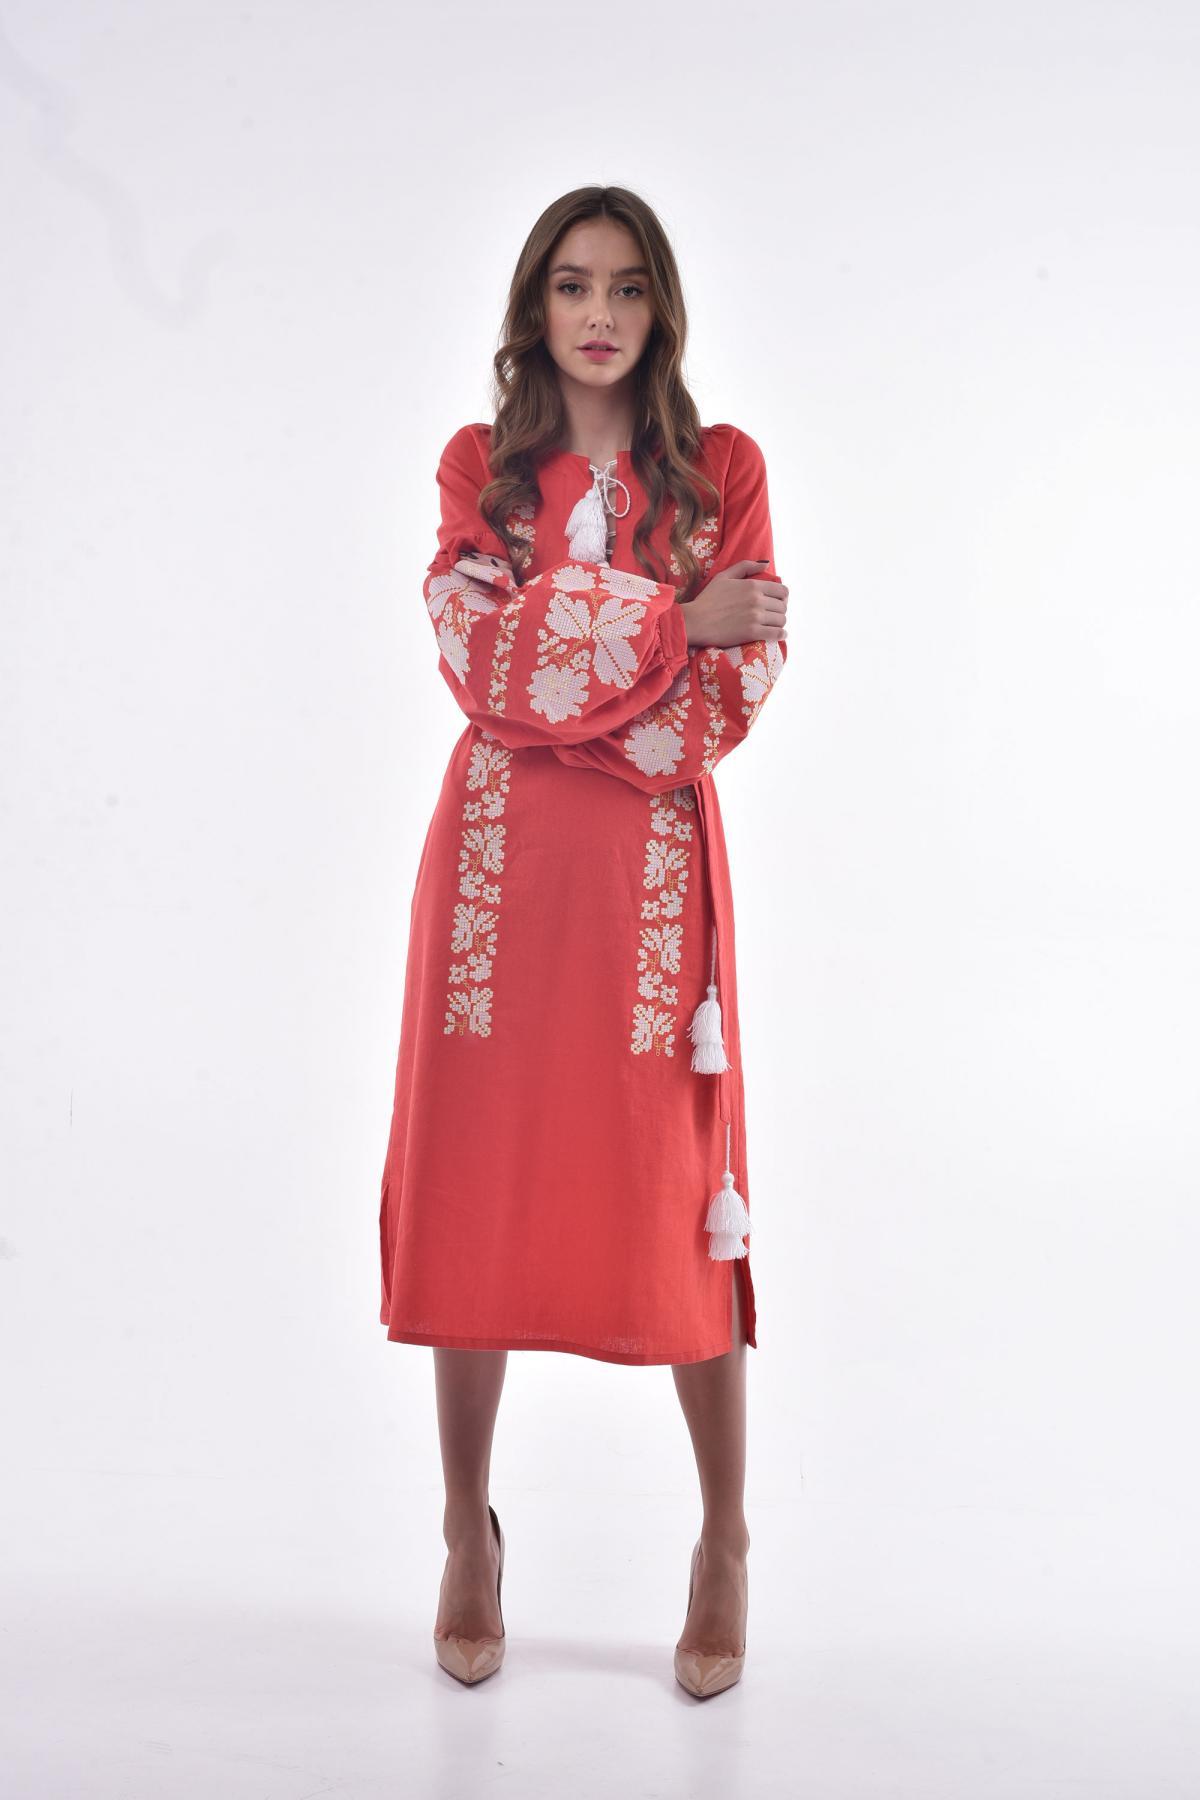 Платье вышитое «Невесточка» коралл. Фото №1. | Народный дом Украина